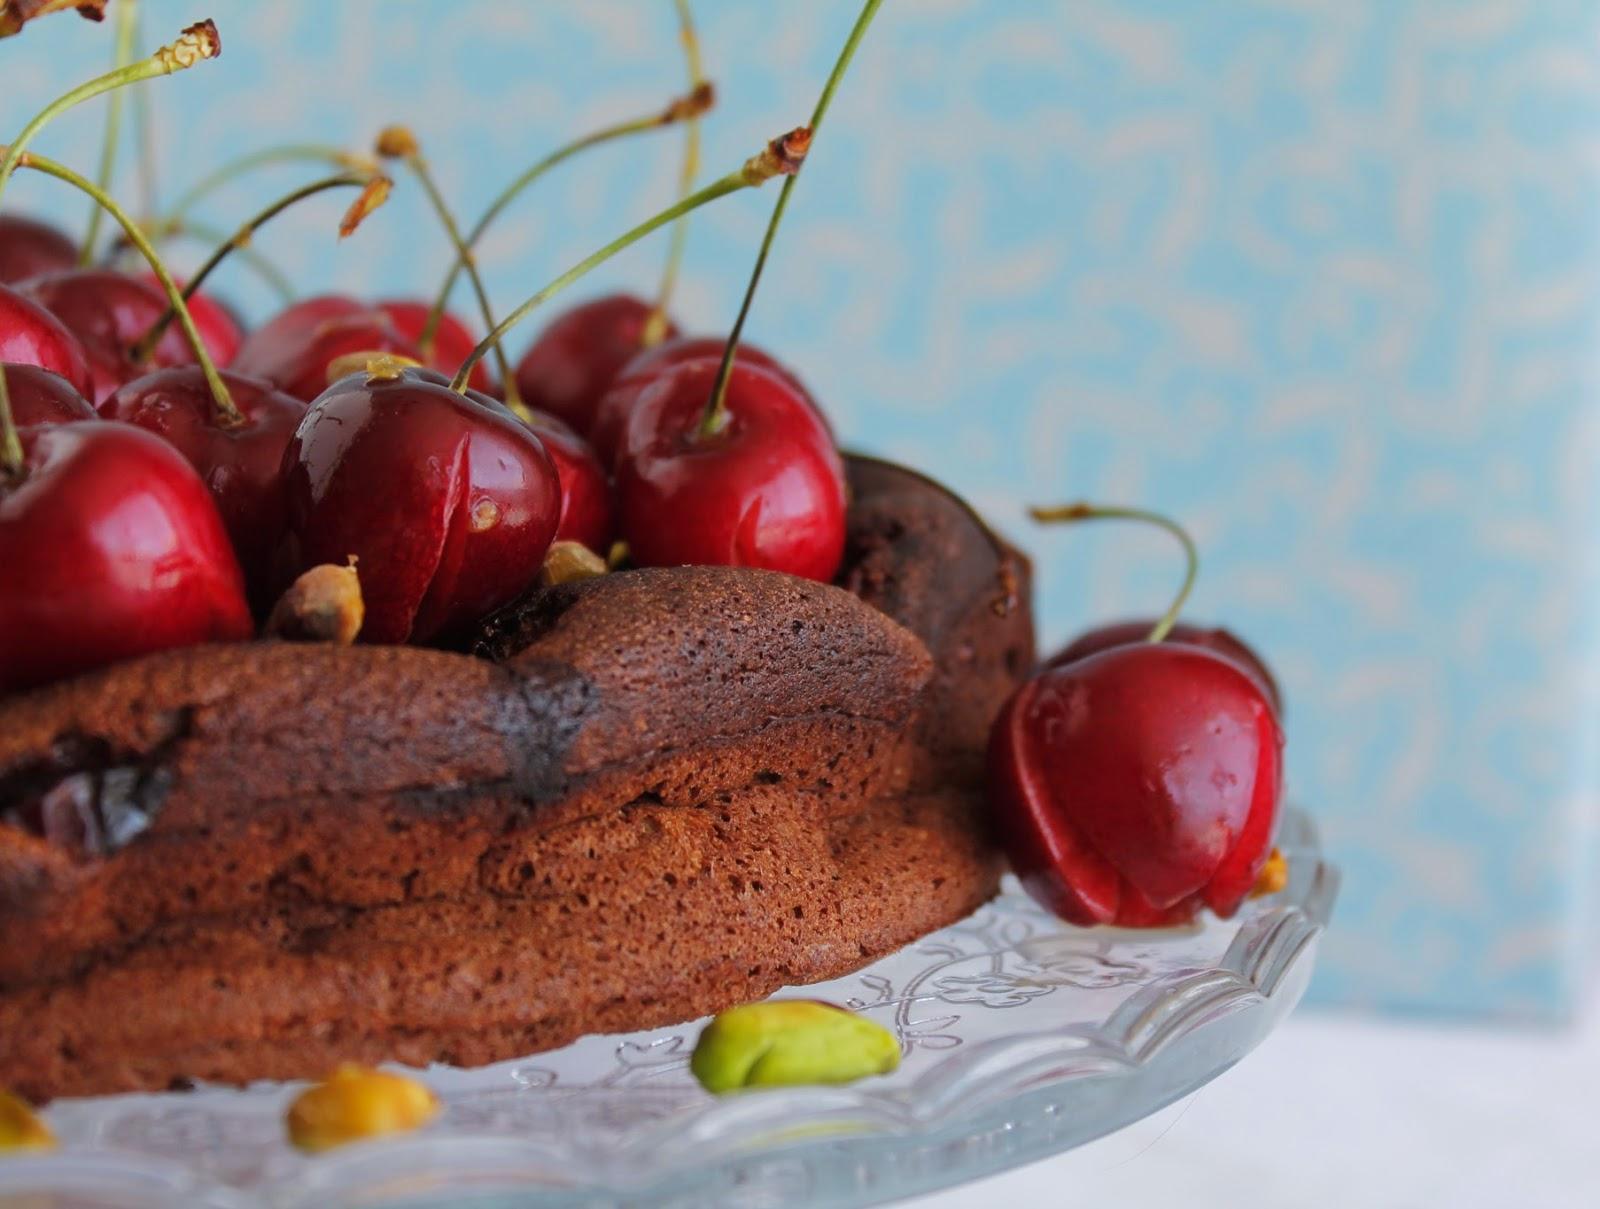 Receta sin gluten Tarta de chocolate y cerezas maceradas